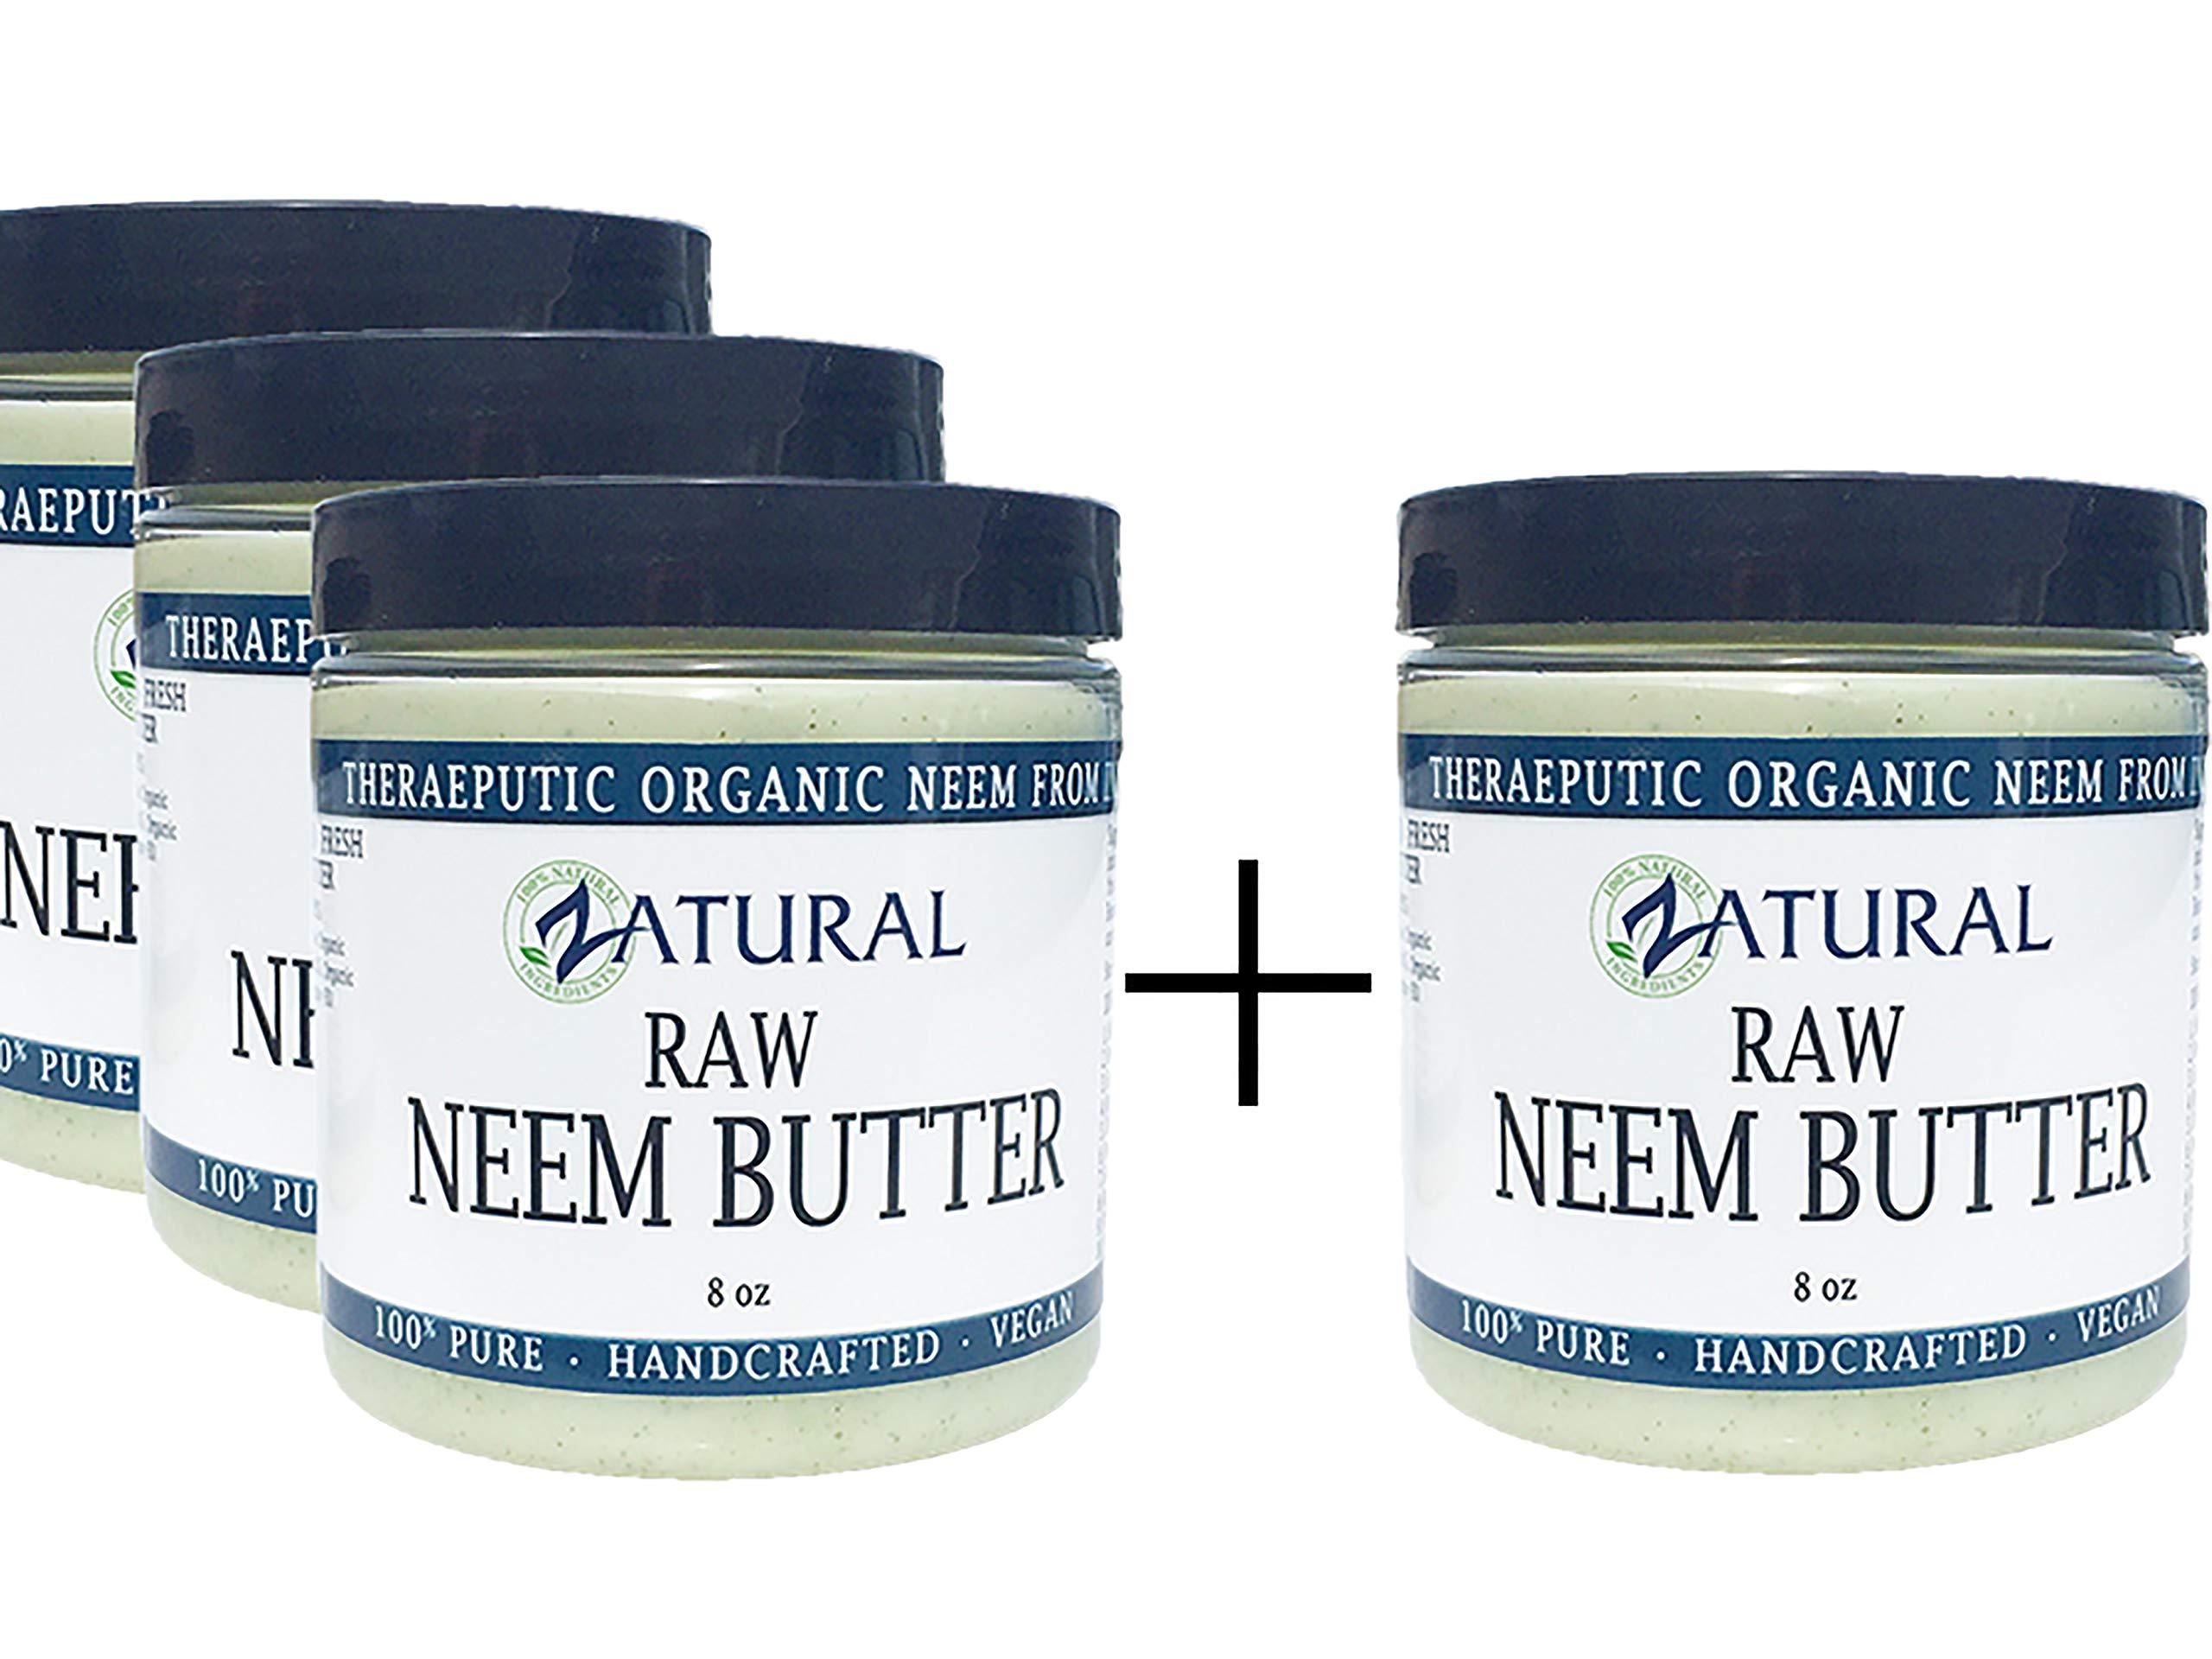 Organic Neem Butter-Shea Butter, Coconut Oil, Neem Oil, Neem Leaf, Marula Oil, Kokum Butter, Rosemary (4 Pack)